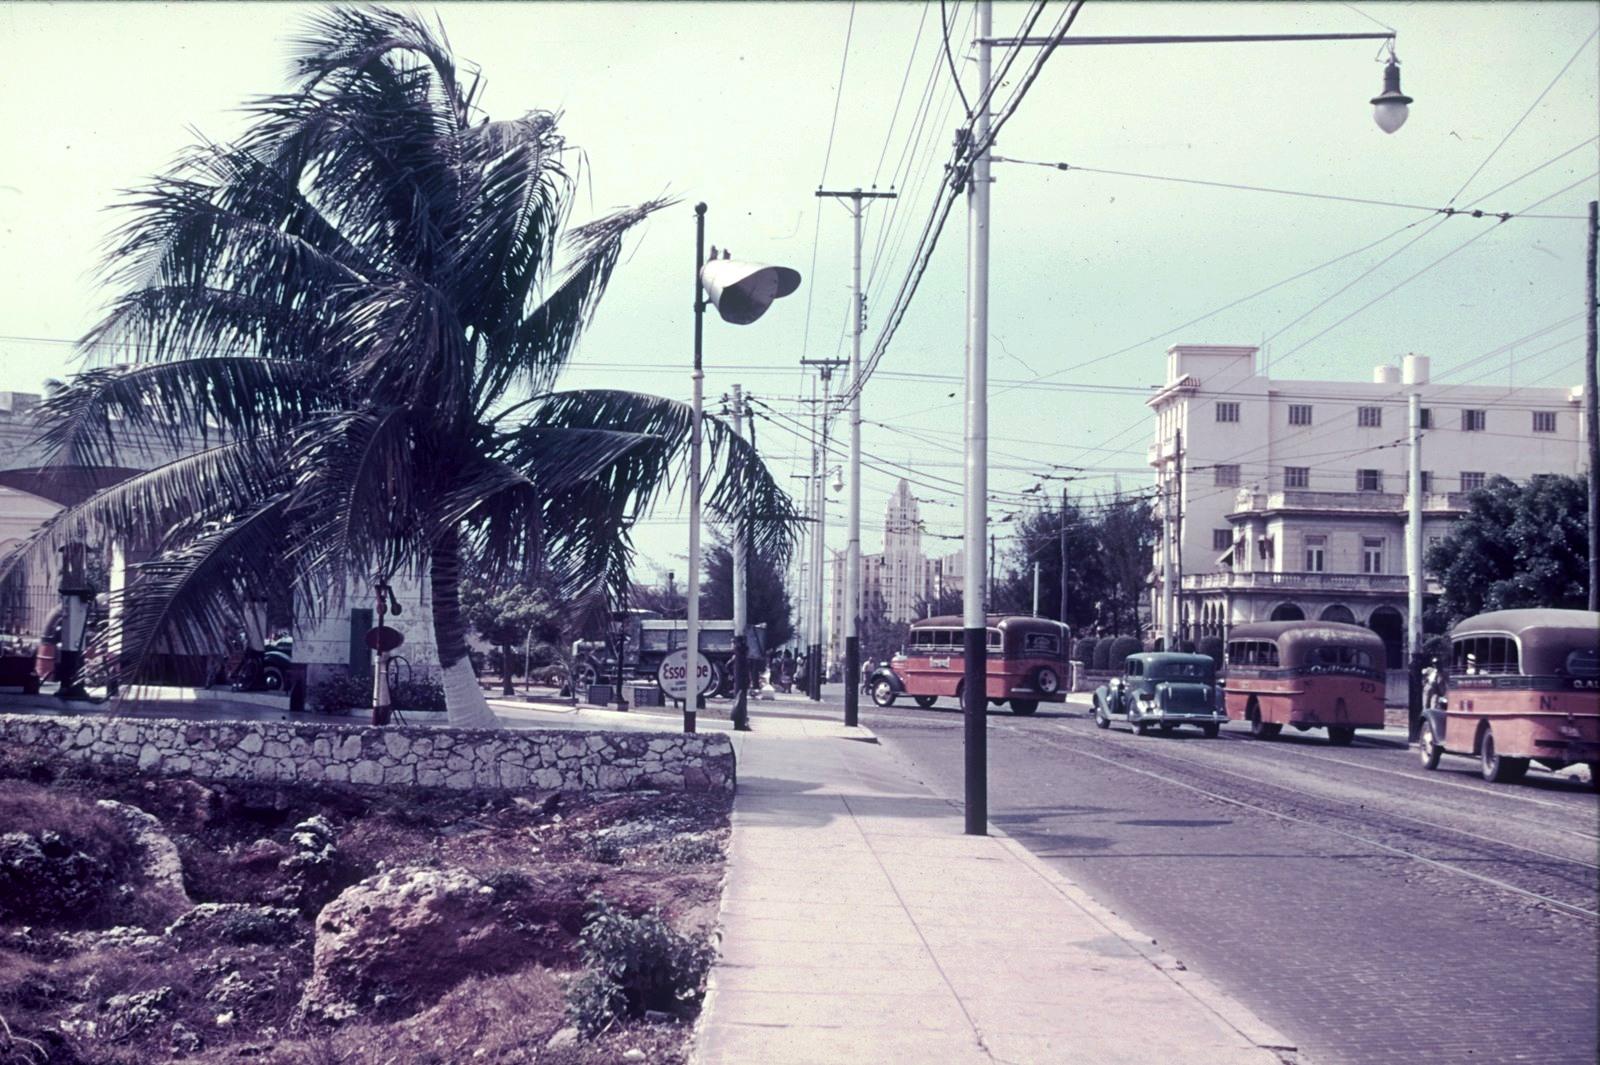 Майами. Уличная сцена